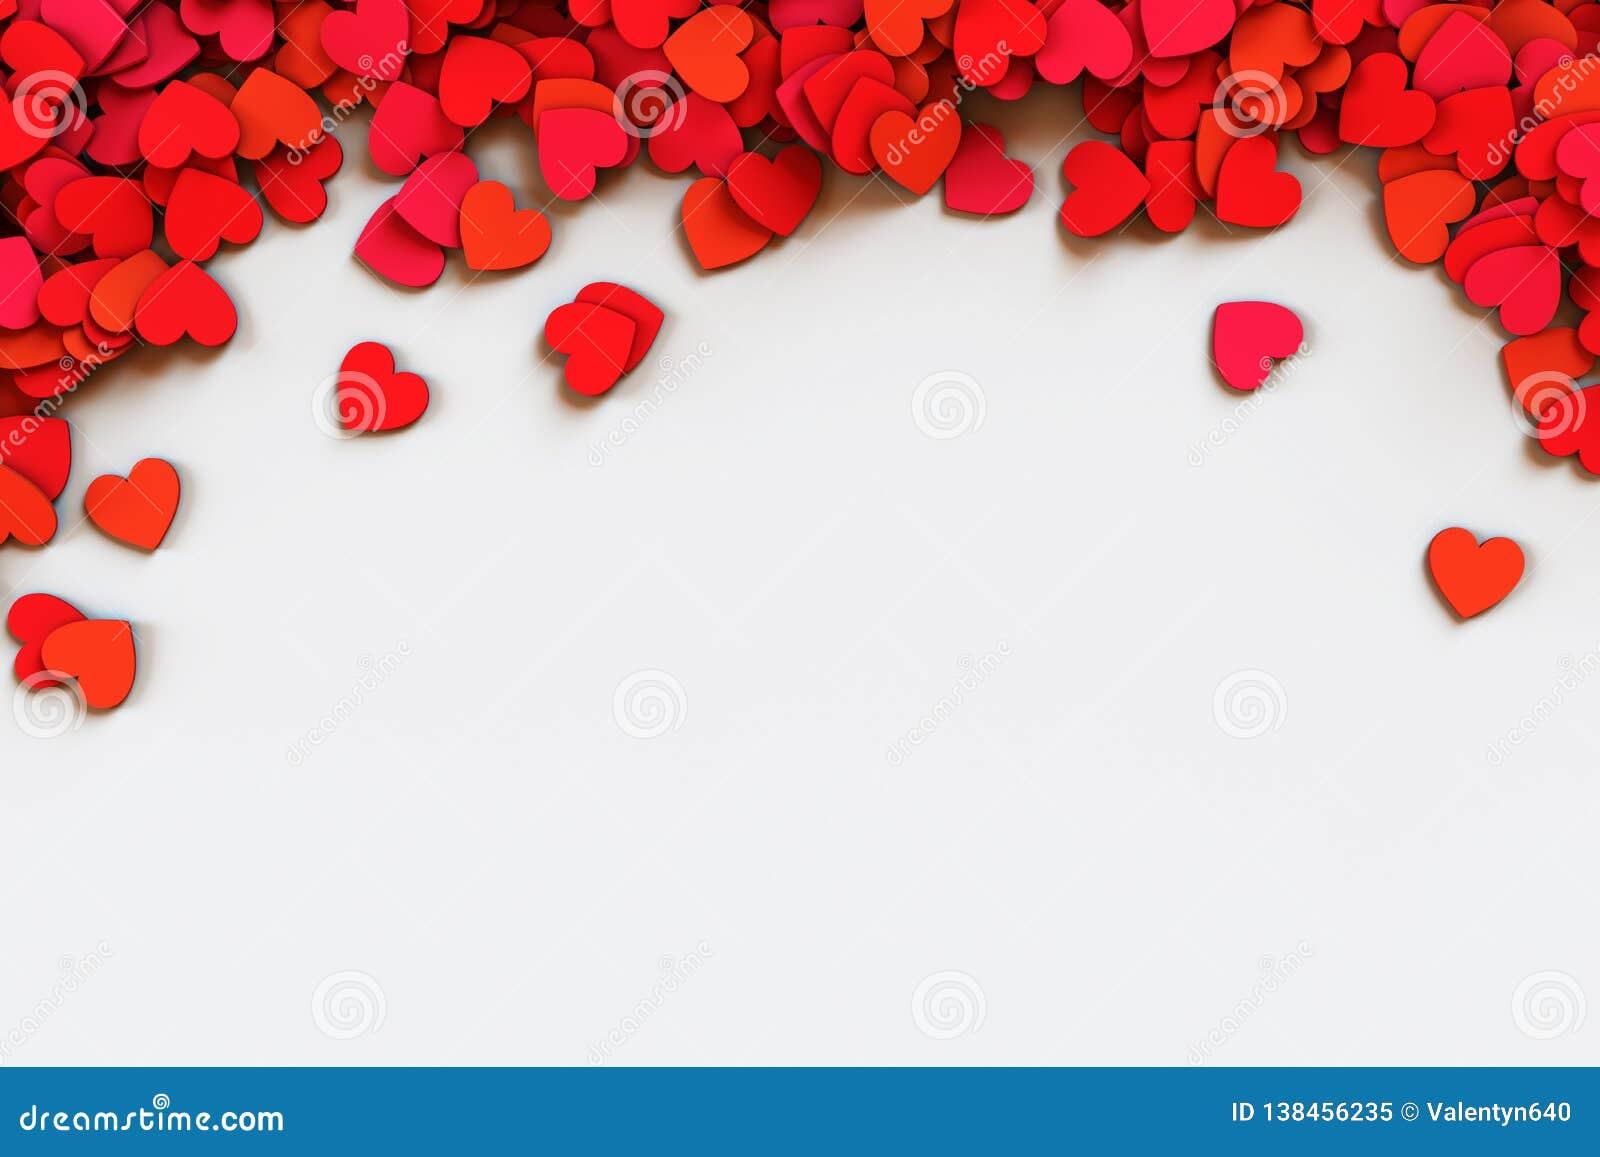 Coeurs de confettis rouges Frontière acculée par dispersion sur le fond blanc illustration du rendu 3d